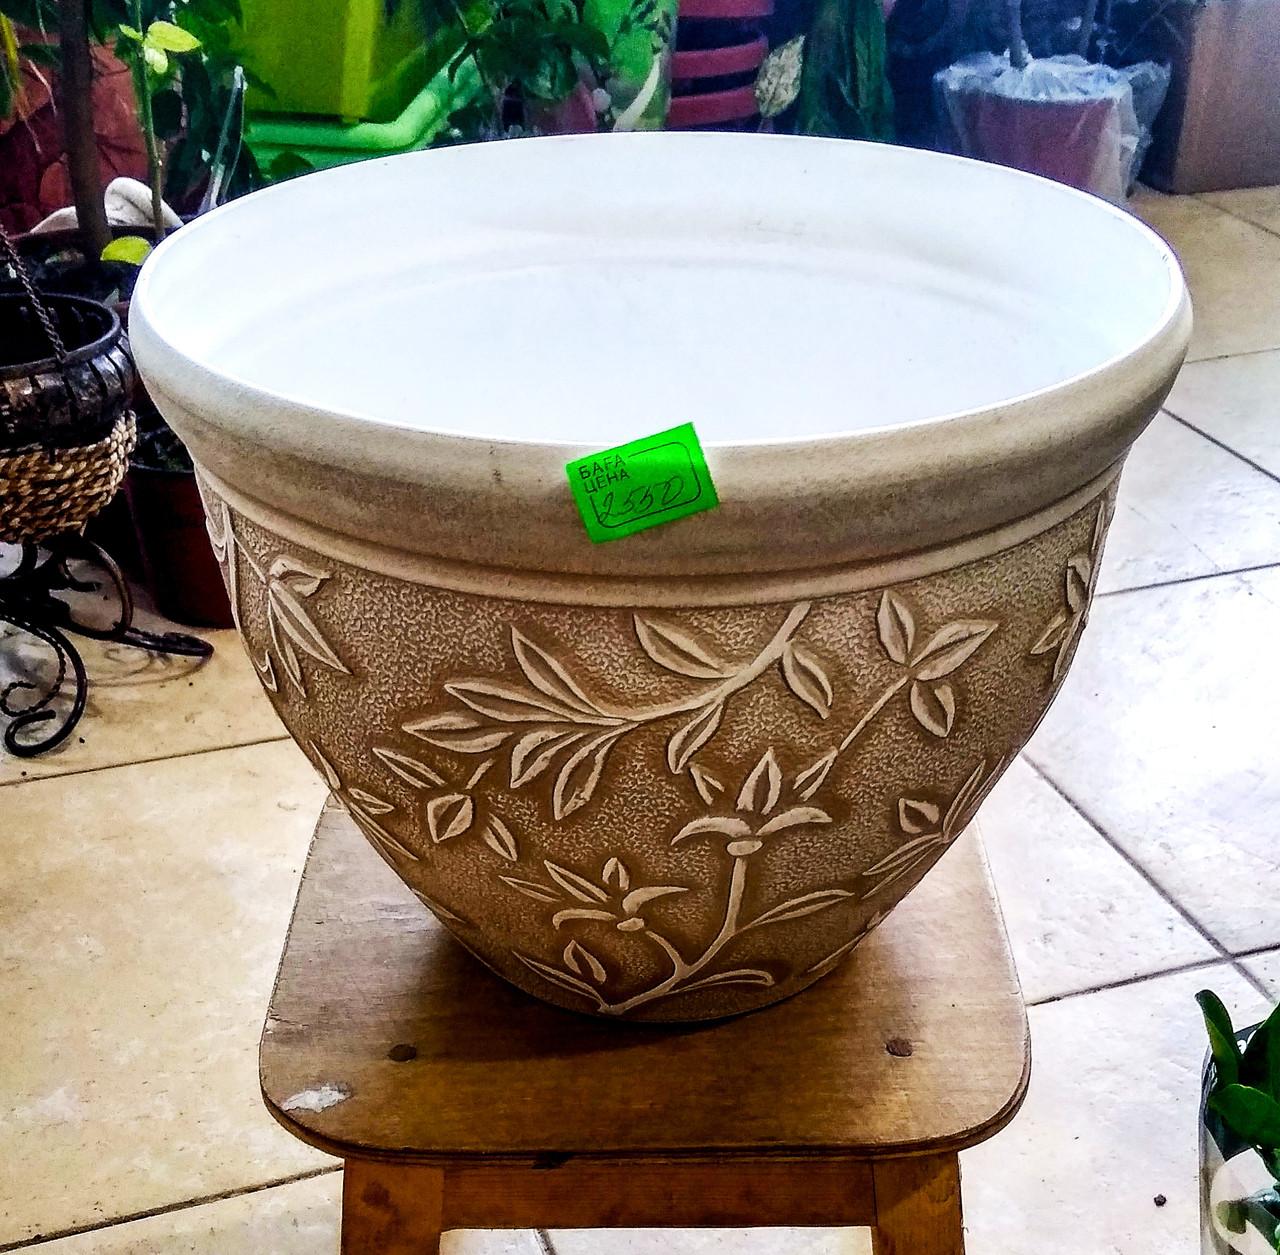 Горшок для растений LUDU. Золотистый с узором. Размер: 30x22.5